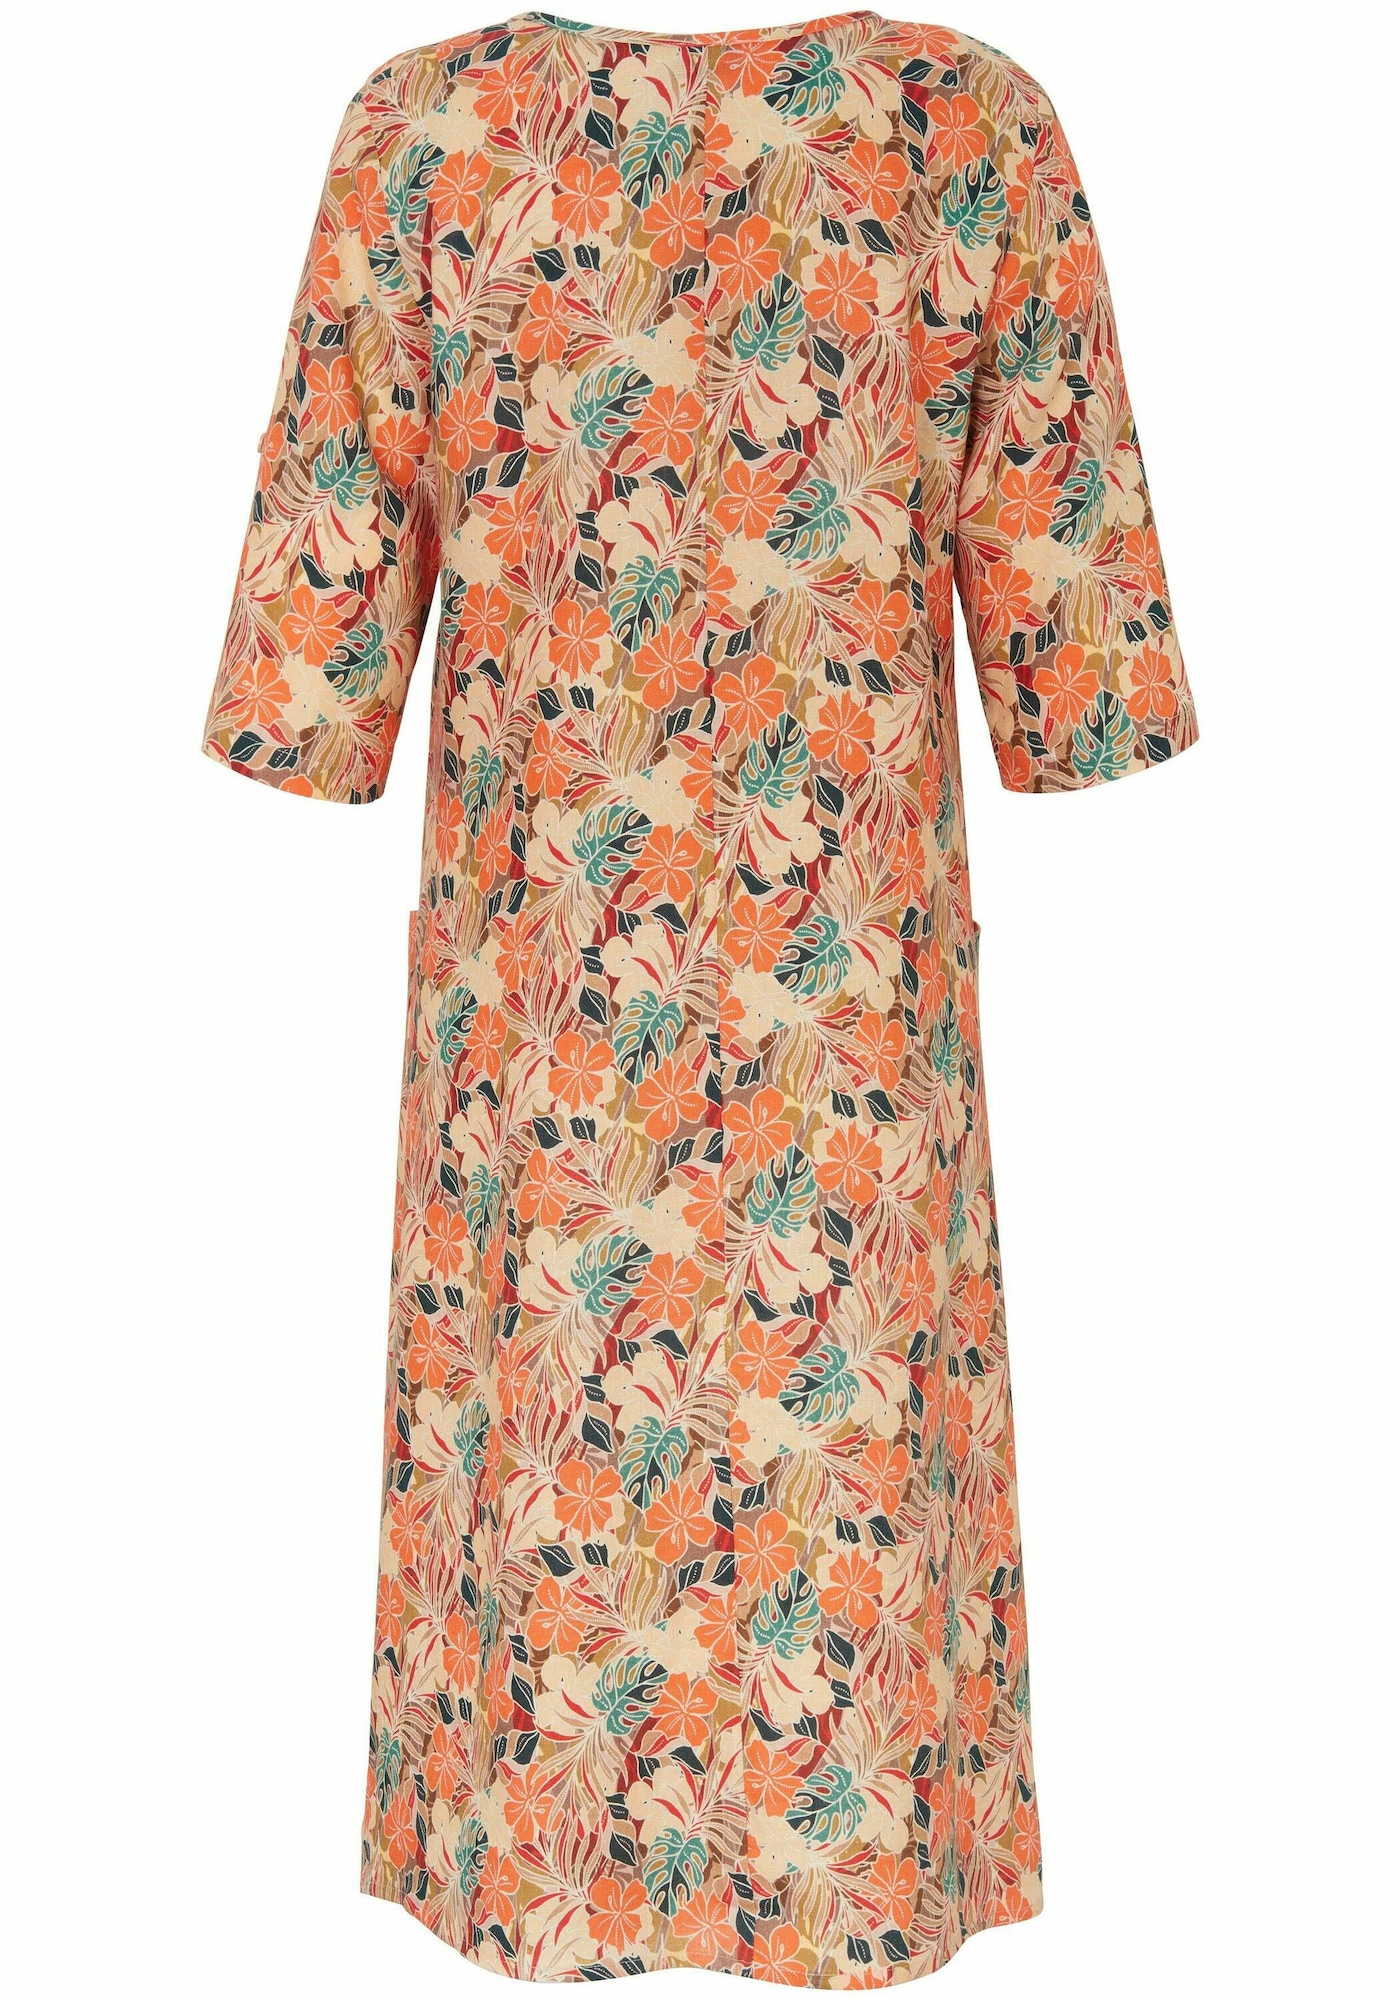 anna aura - Abendkleid mit 3/4-Arm in A-Form aus 100% Leinen